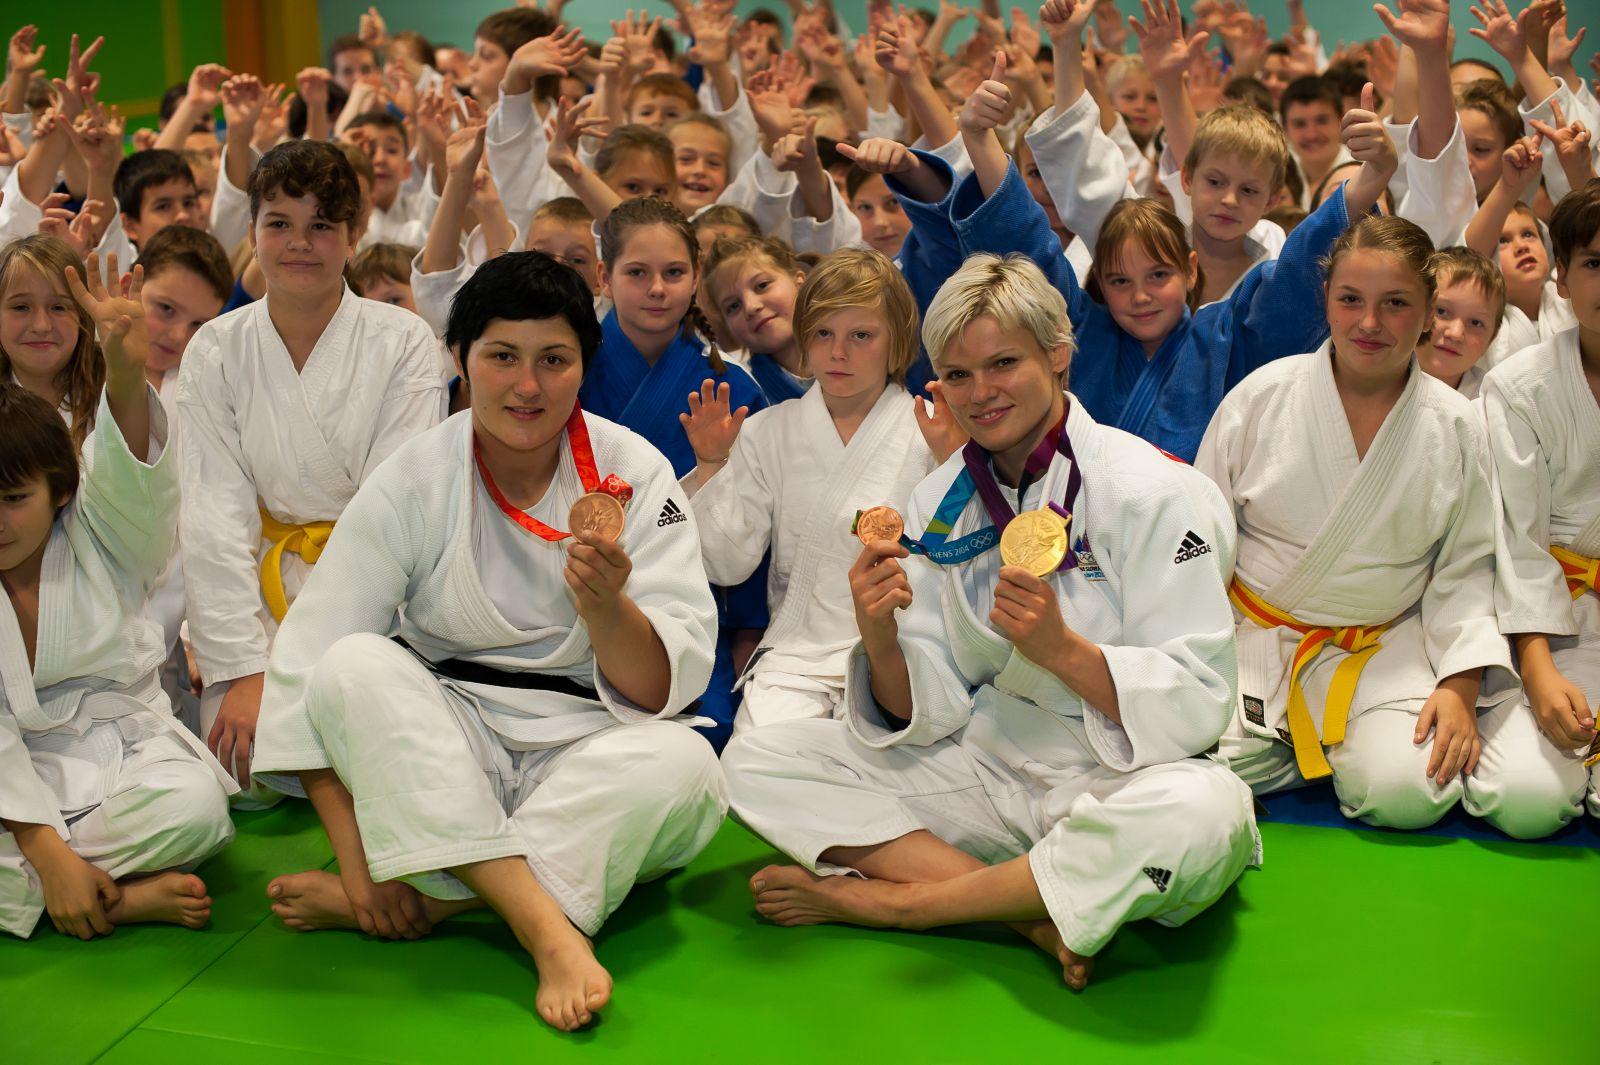 V čast nam je, da smo od blizu spremljali pot nekaterih slovenskih športnikov z izjemnimi dosežki tudi na olimpijskih igrah.